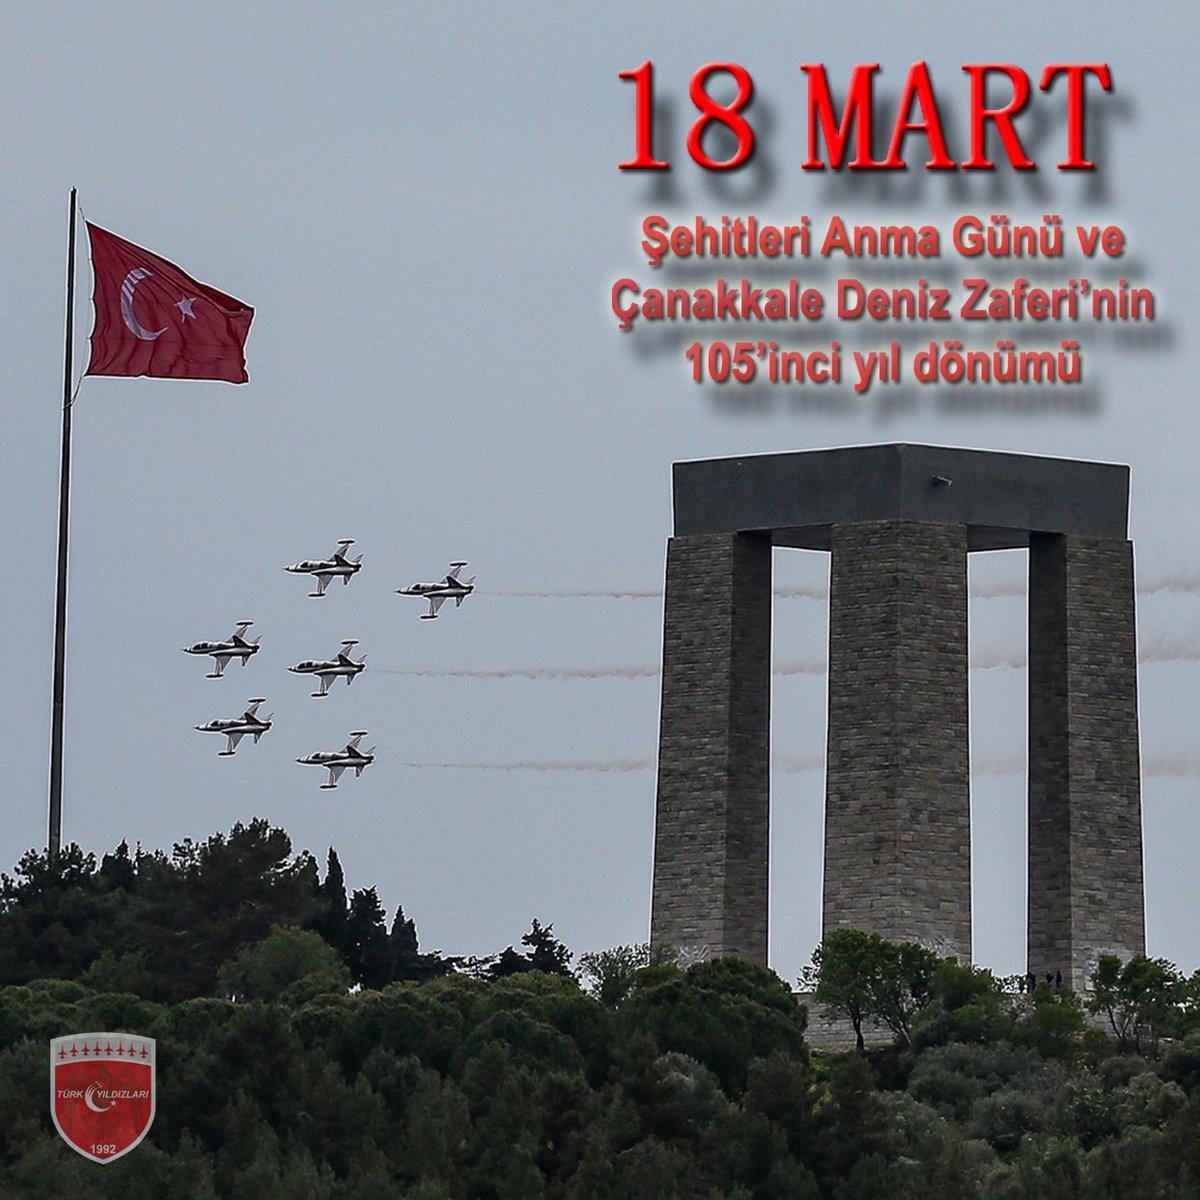 Çanakkale Zaferi'nin yıl dönümünde bu toprakları bize mukaddes bir vatan olarak emanet eden tüm şehitlerimizi, başta Gazi Mustafa Kemal Atatürk olmak üzere tüm kahramanlarımızı rahmetle ve şükranla anıyoruz. #çanakkale #çanakkalegeçilmez #türkiye #bayrak https://t.co/Yd2ELNGa9T